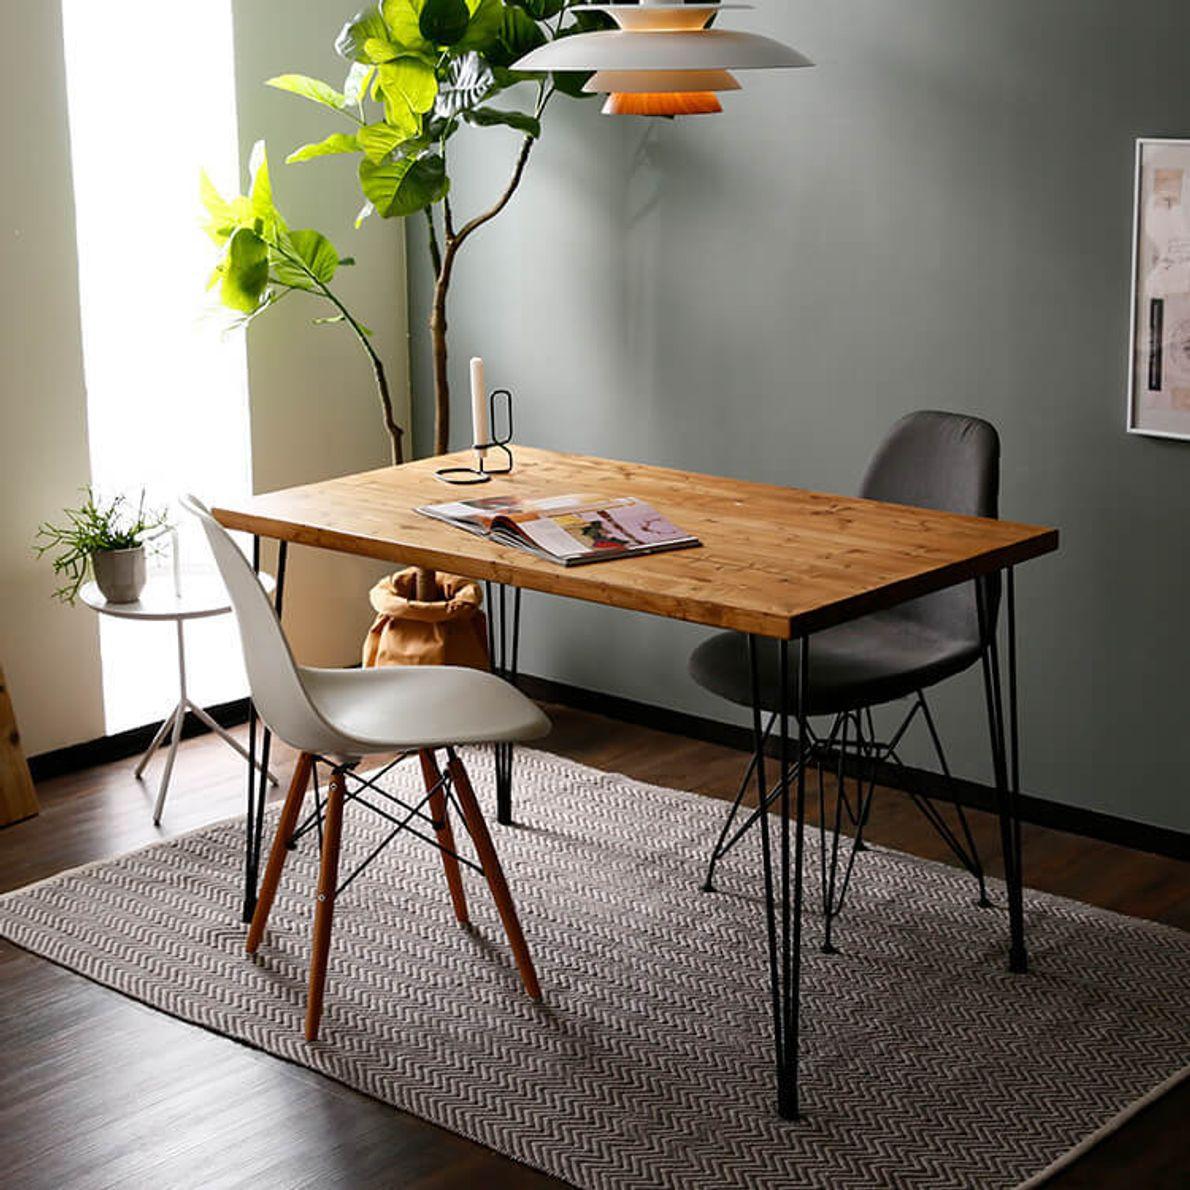 暮らしに寄り添う無垢テーブル